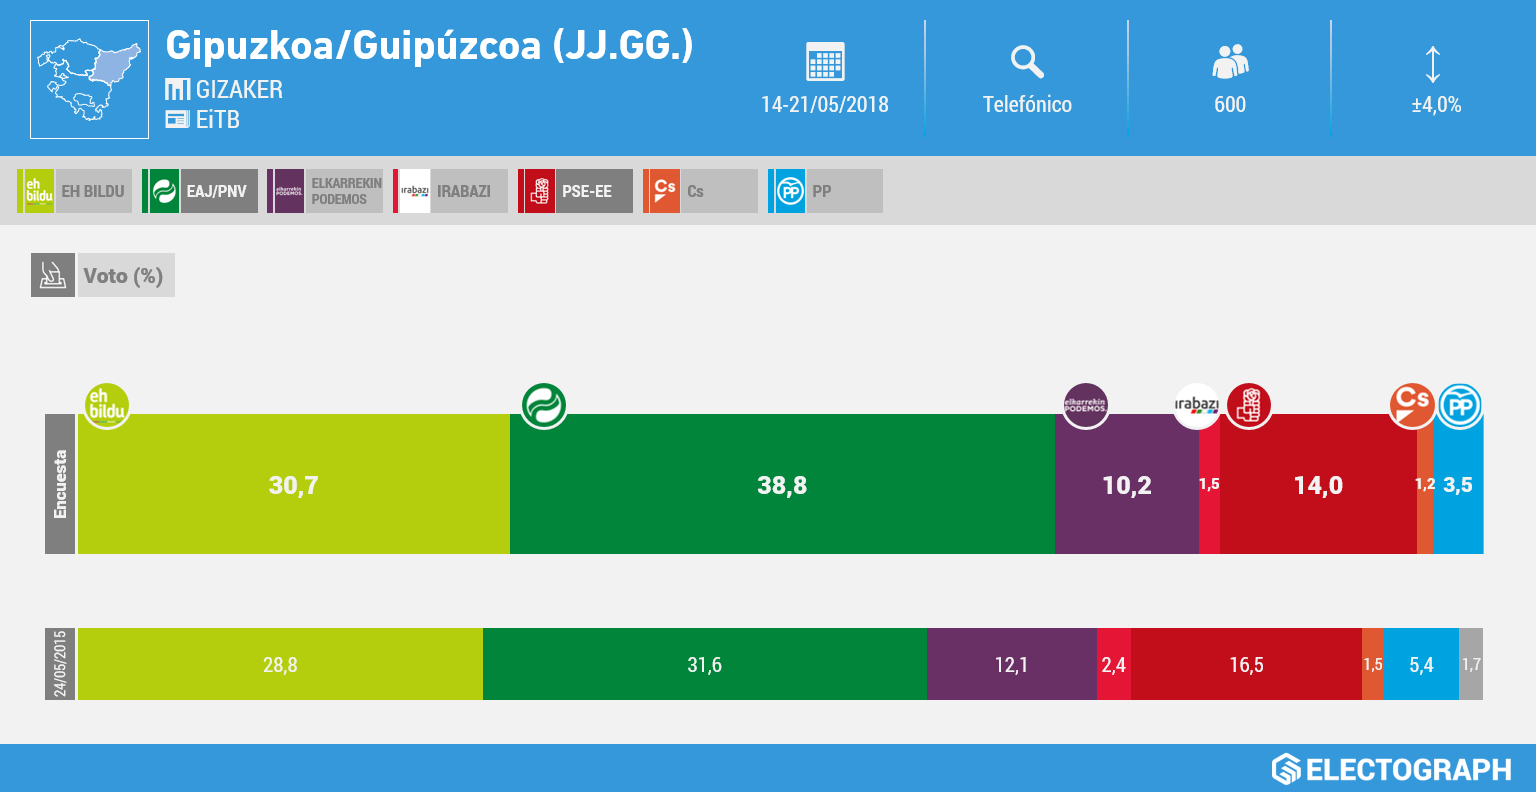 Gráfico de la encuesta para elecciones a las Juntas Generales de Gipuzkoa realizada por Gizaker para EiTB en mayo de 2018